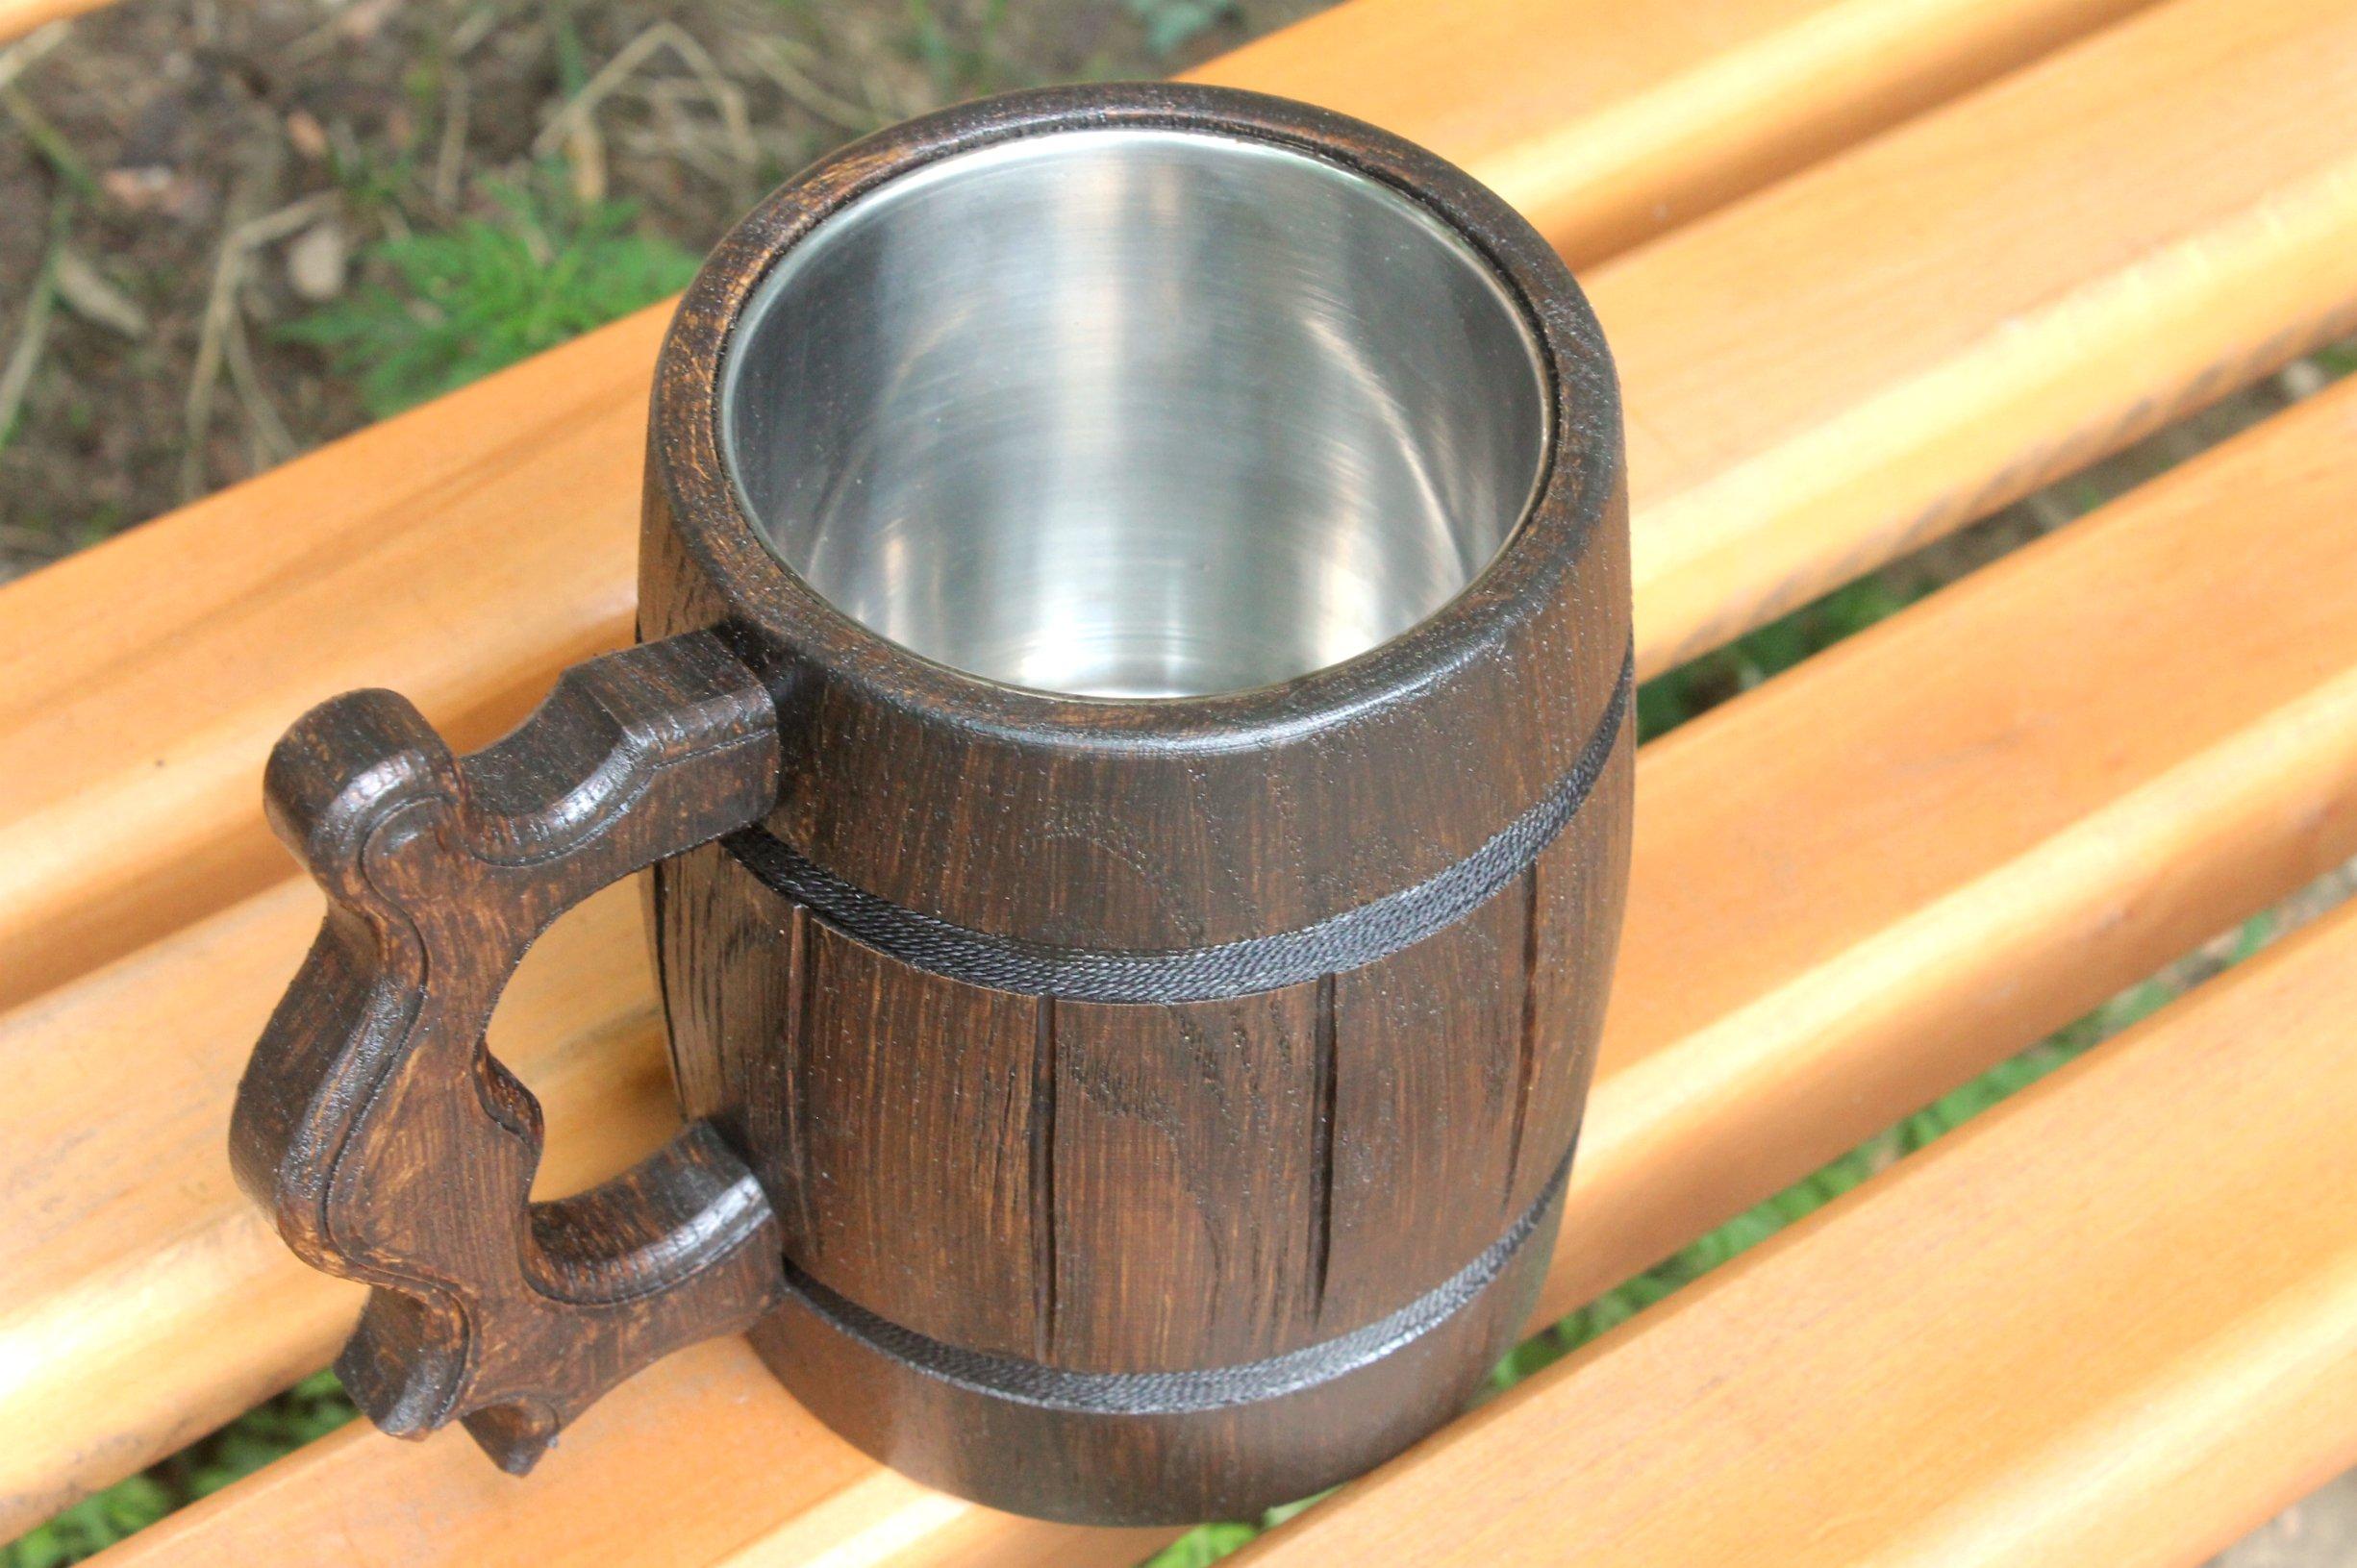 Wooden Beer Mug Eco-Friendly 20oz 0.6L Stainless Steel Cup Men Brown Wood Tankard Wedding Gift Beer Mug by WorldMaker   Exclusive Handmade goods (Image #3)